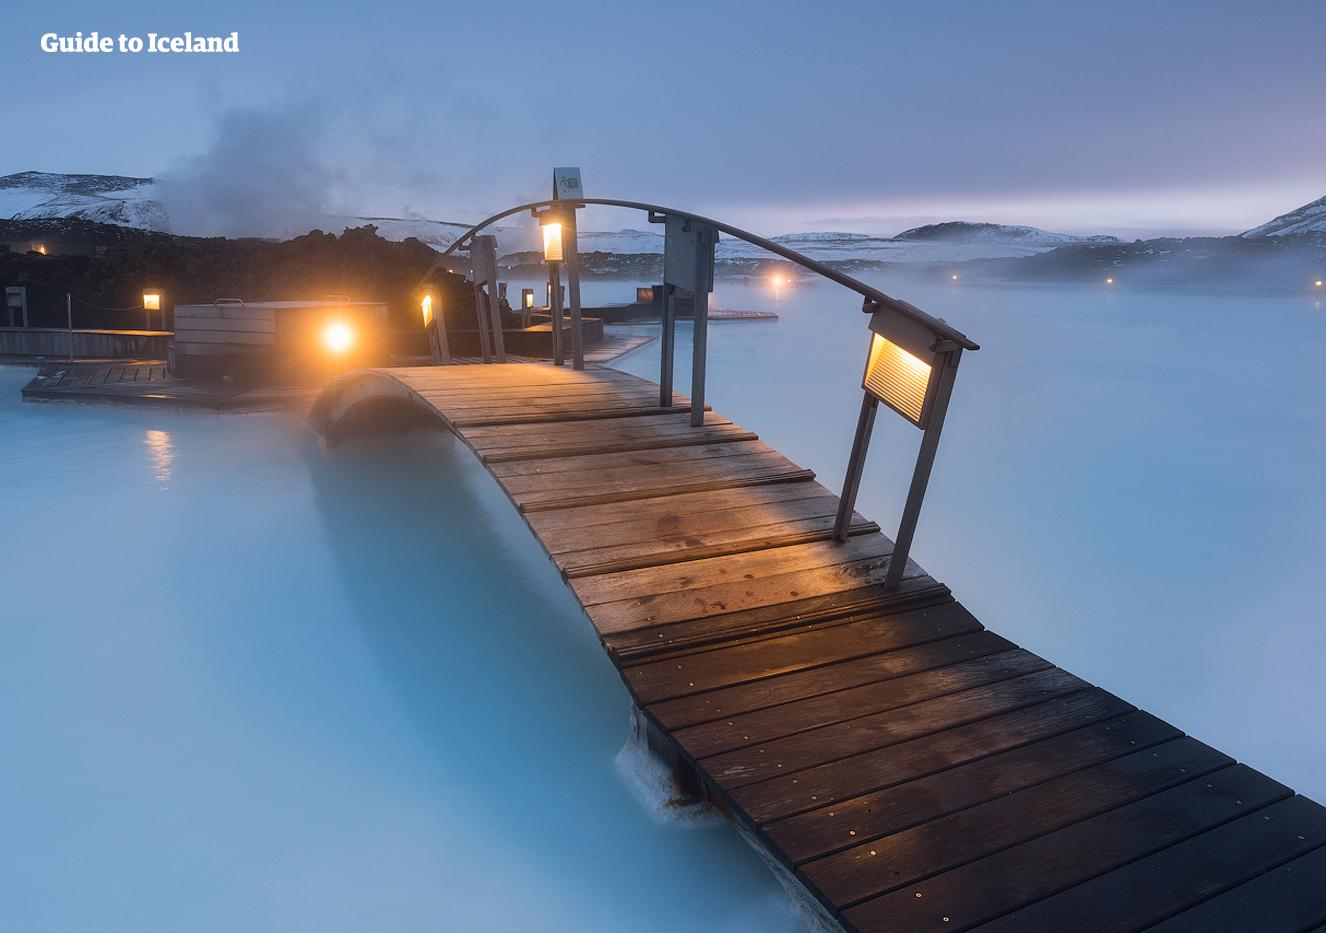 Das beste Mittel gegen den Jetlag ist ein Bad im geothermalen Wasser der Blauen Lagune.